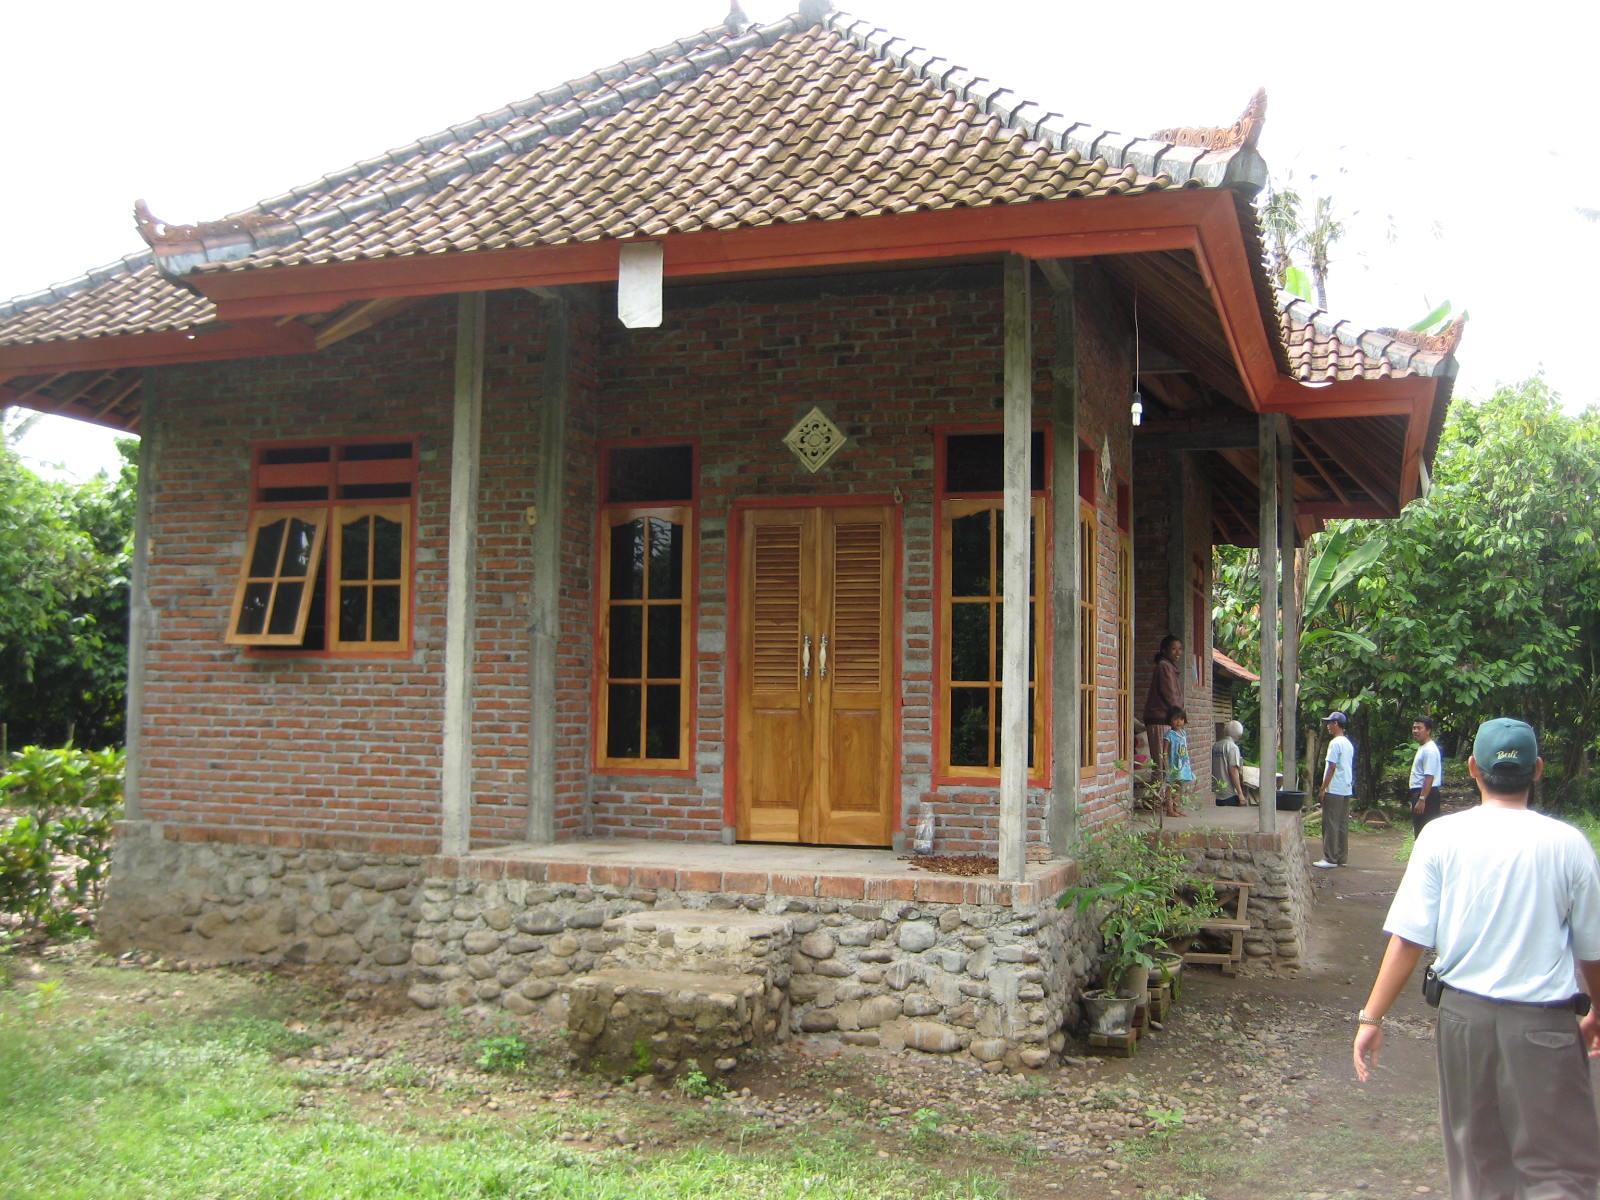 A core home